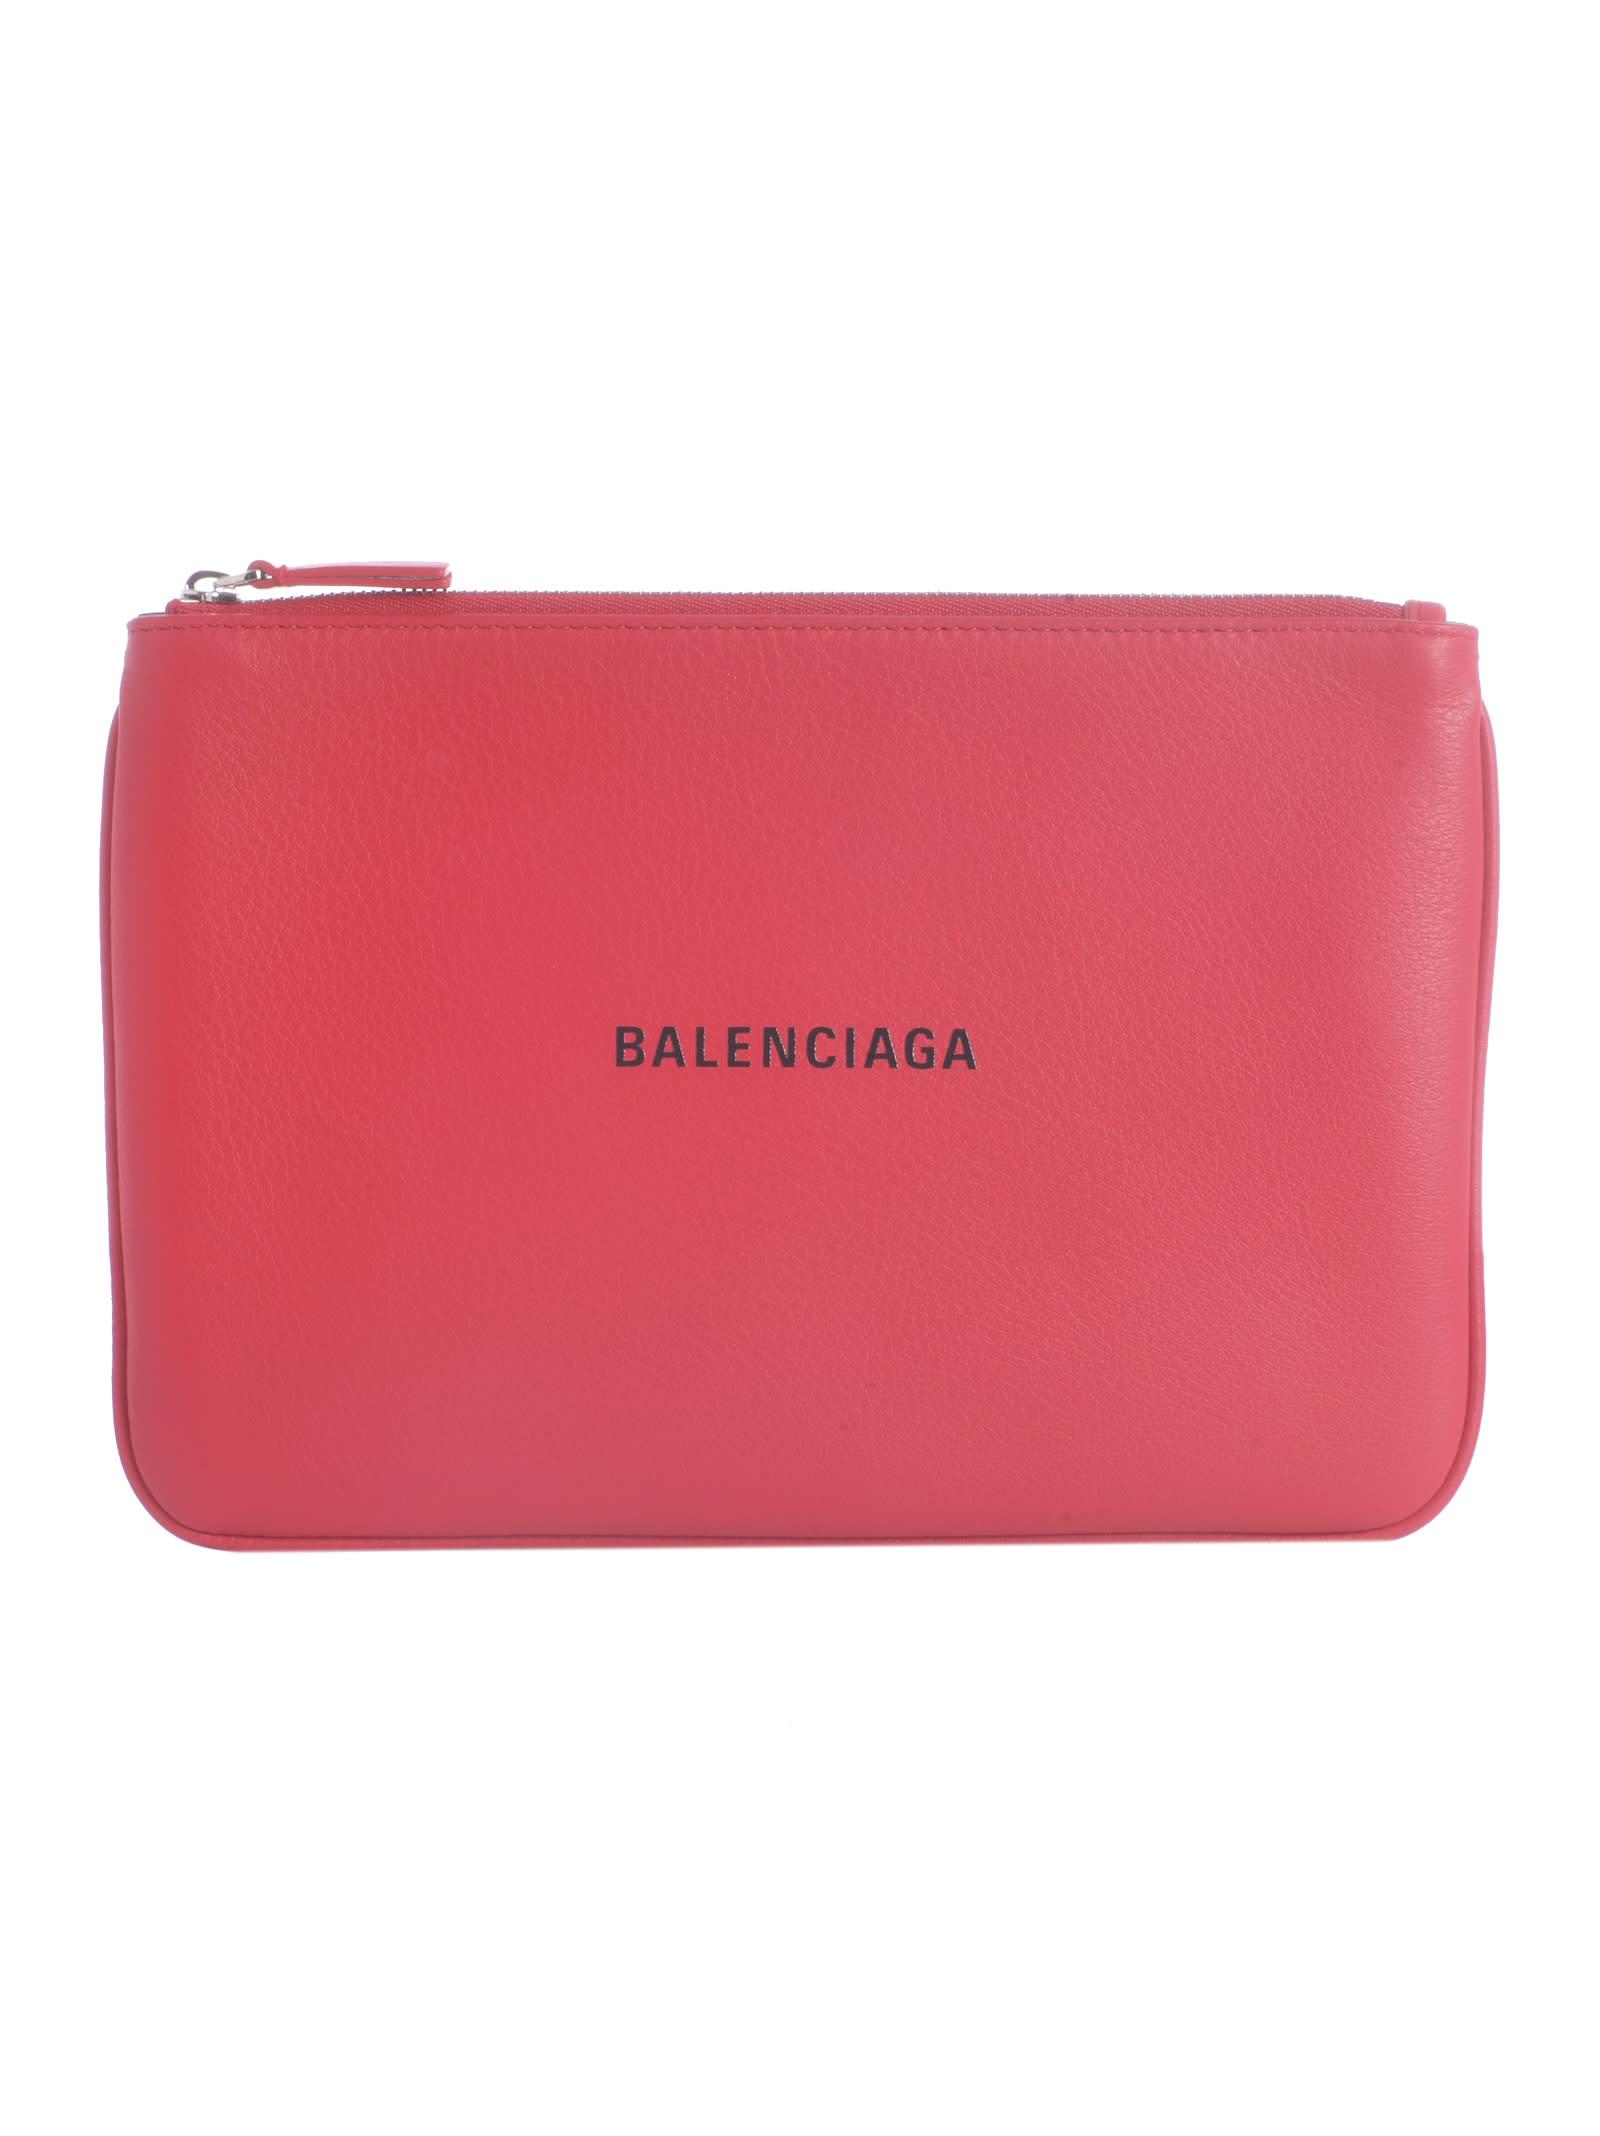 nouveau produit 10619 77c88 Balenciaga Everyday Pouch